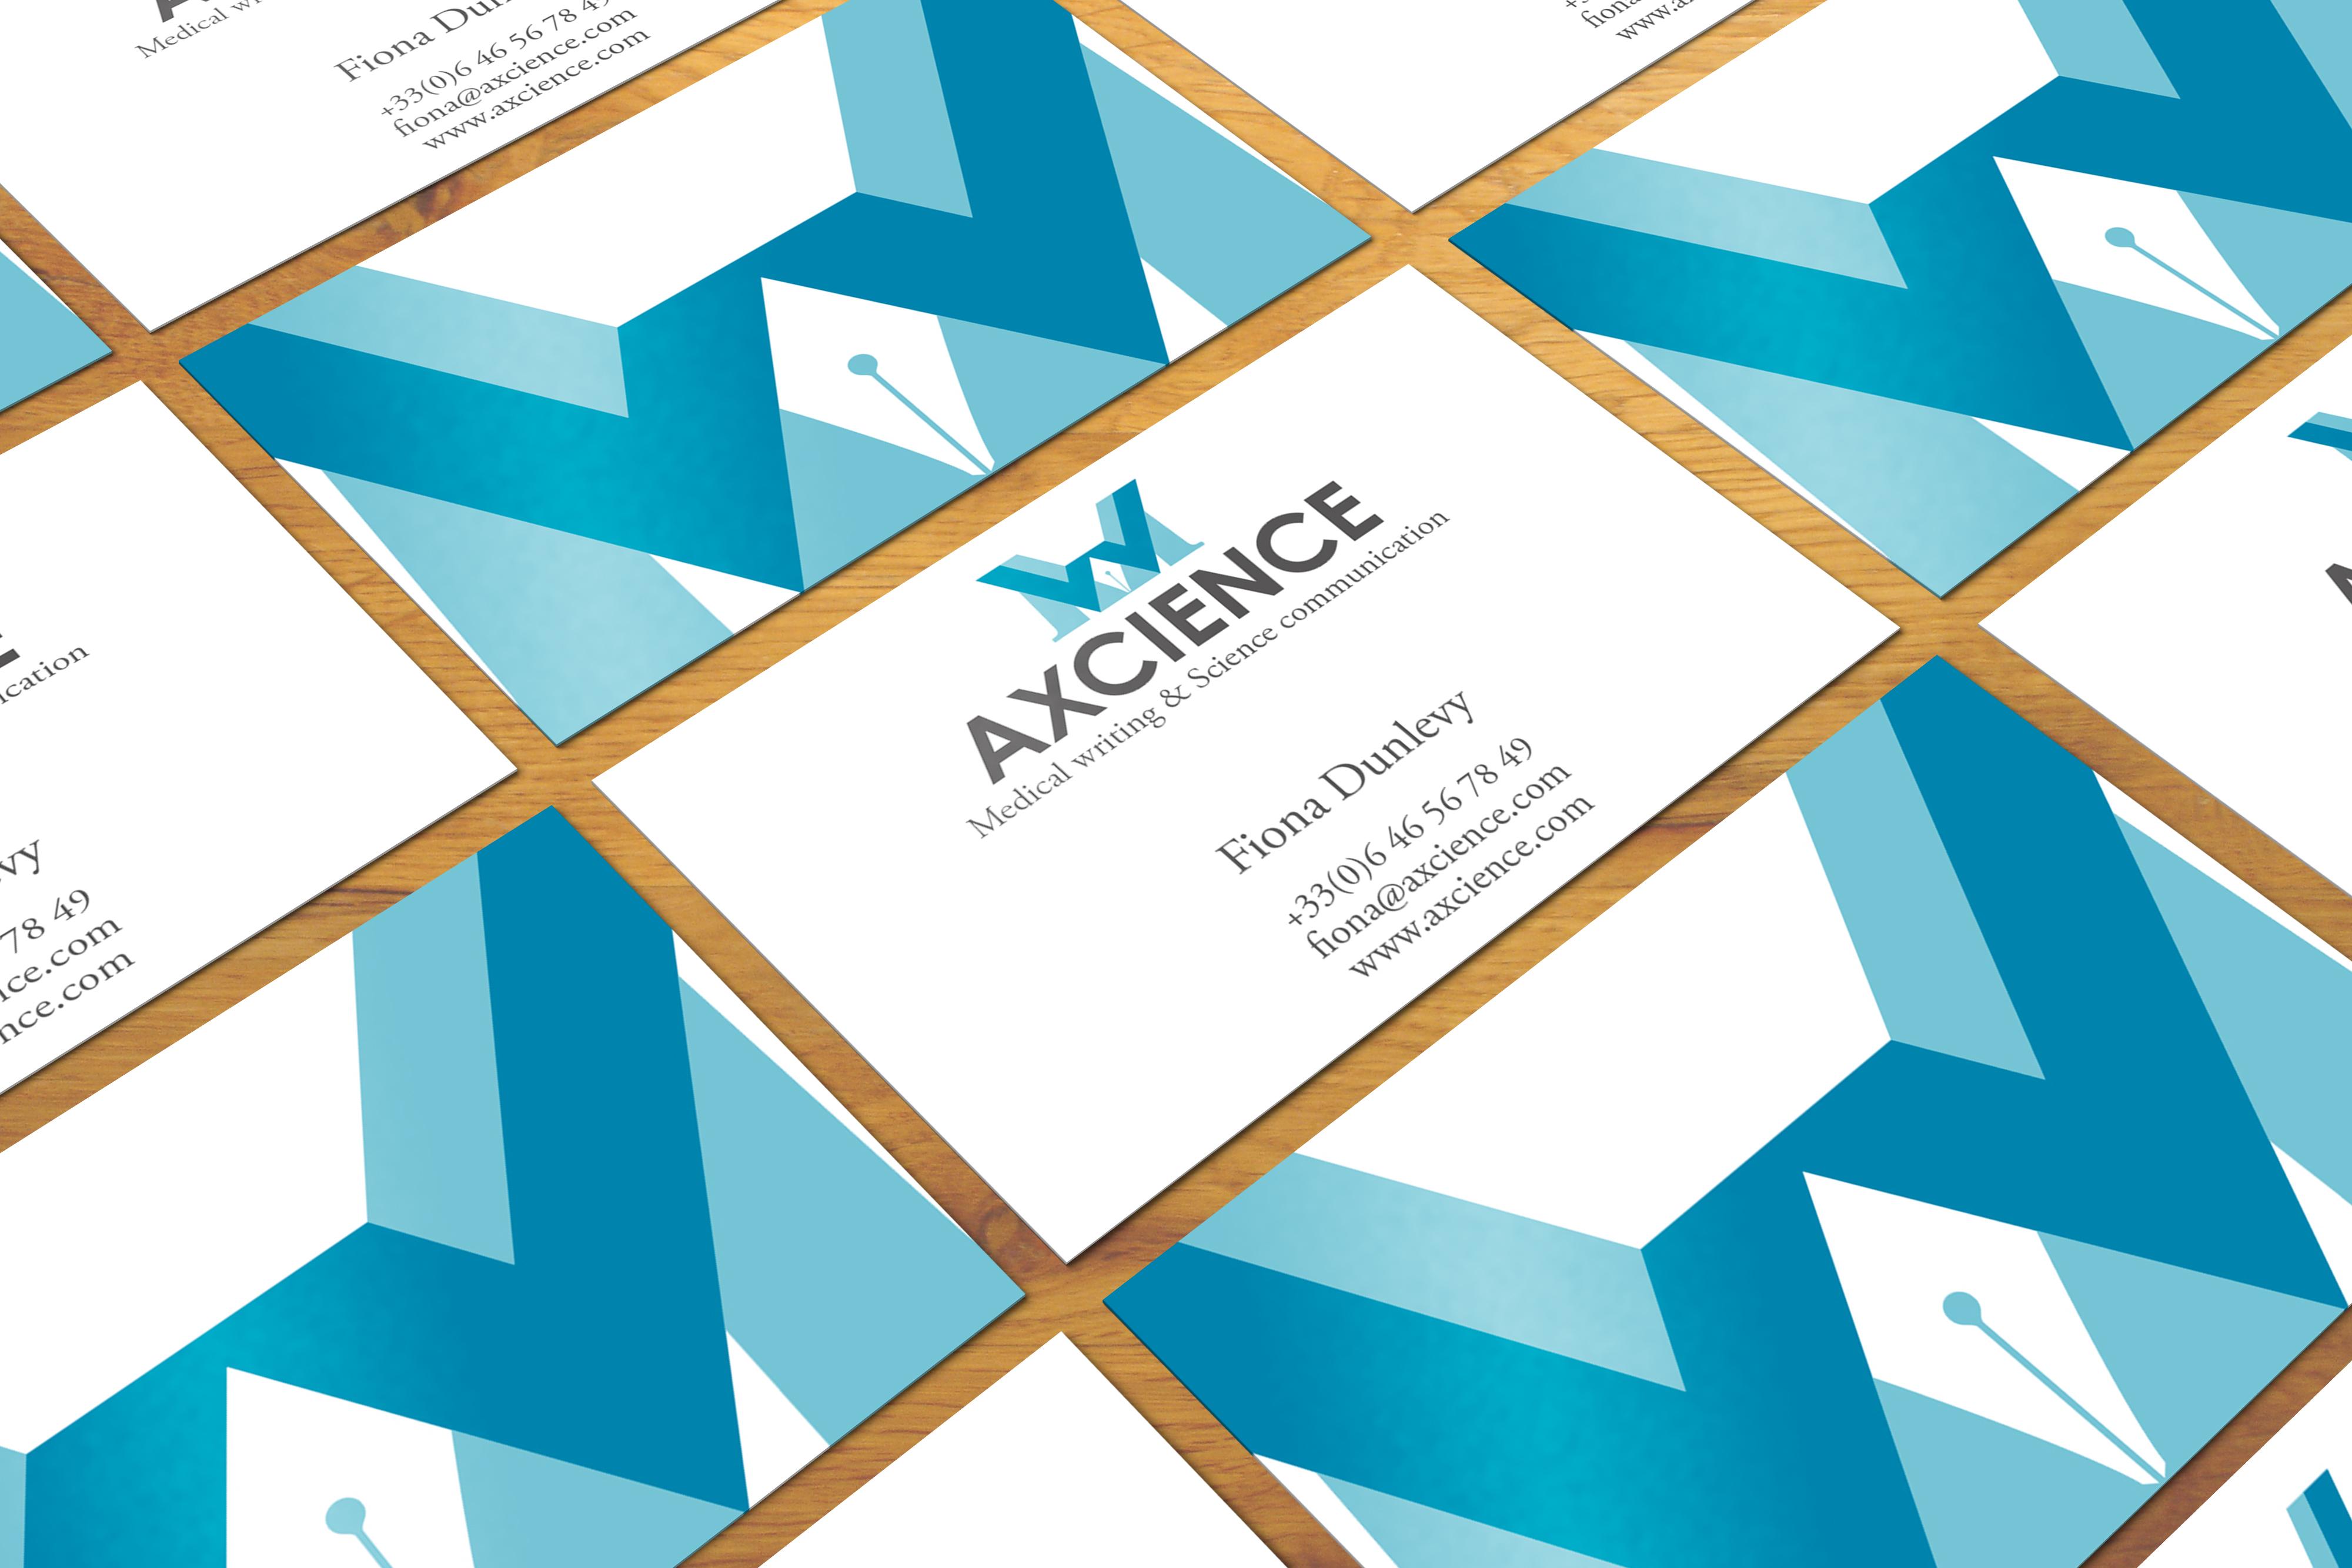 Axcience